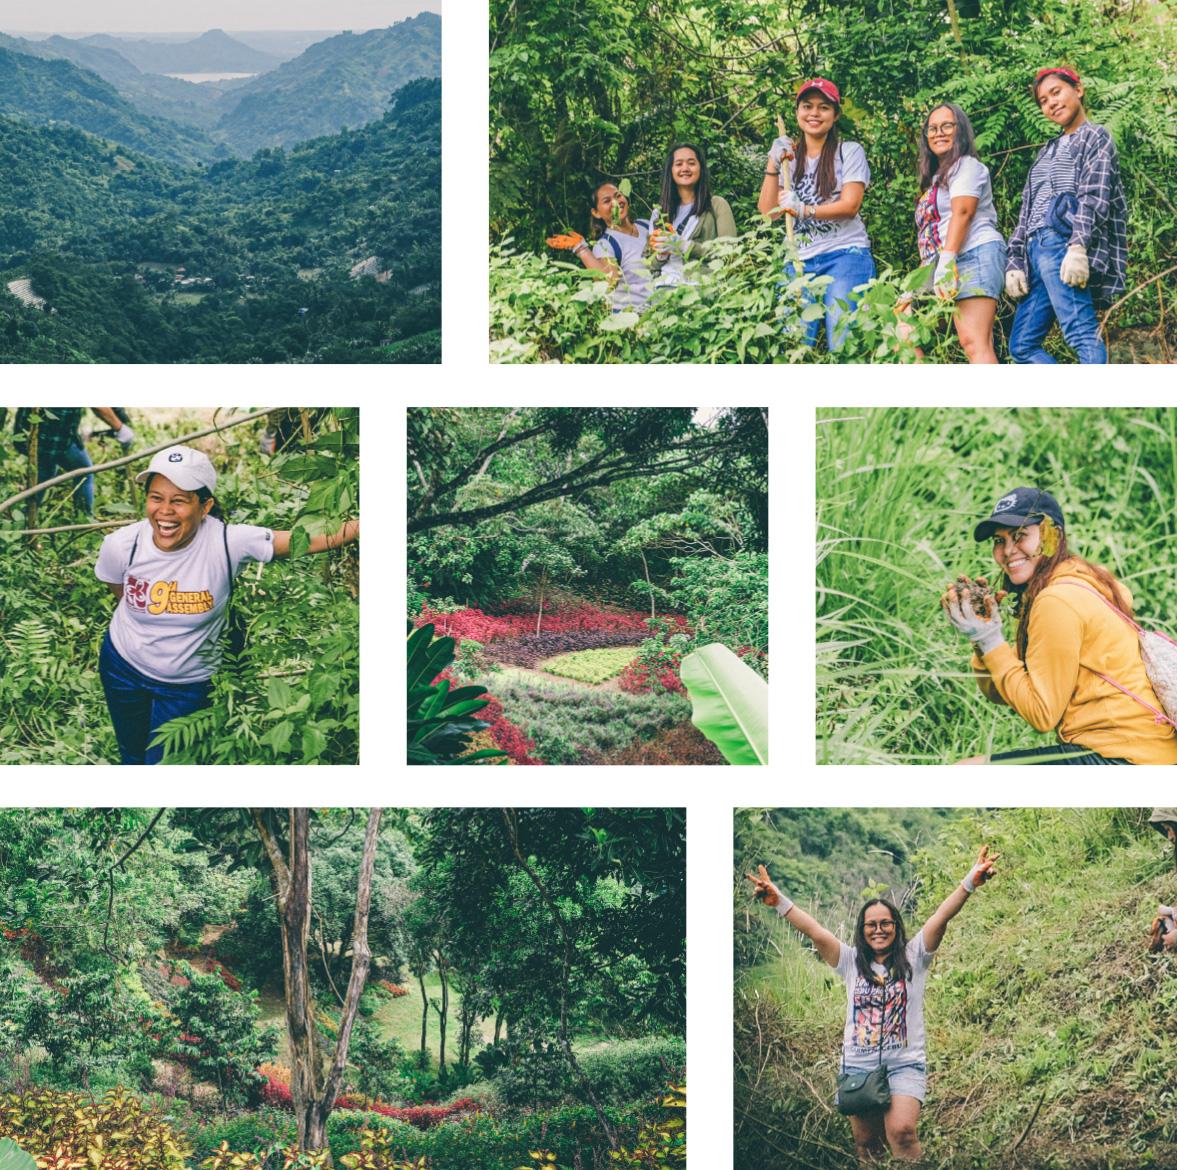 Equipes de Kor Landa dans le jardin de Lakeview Cebu